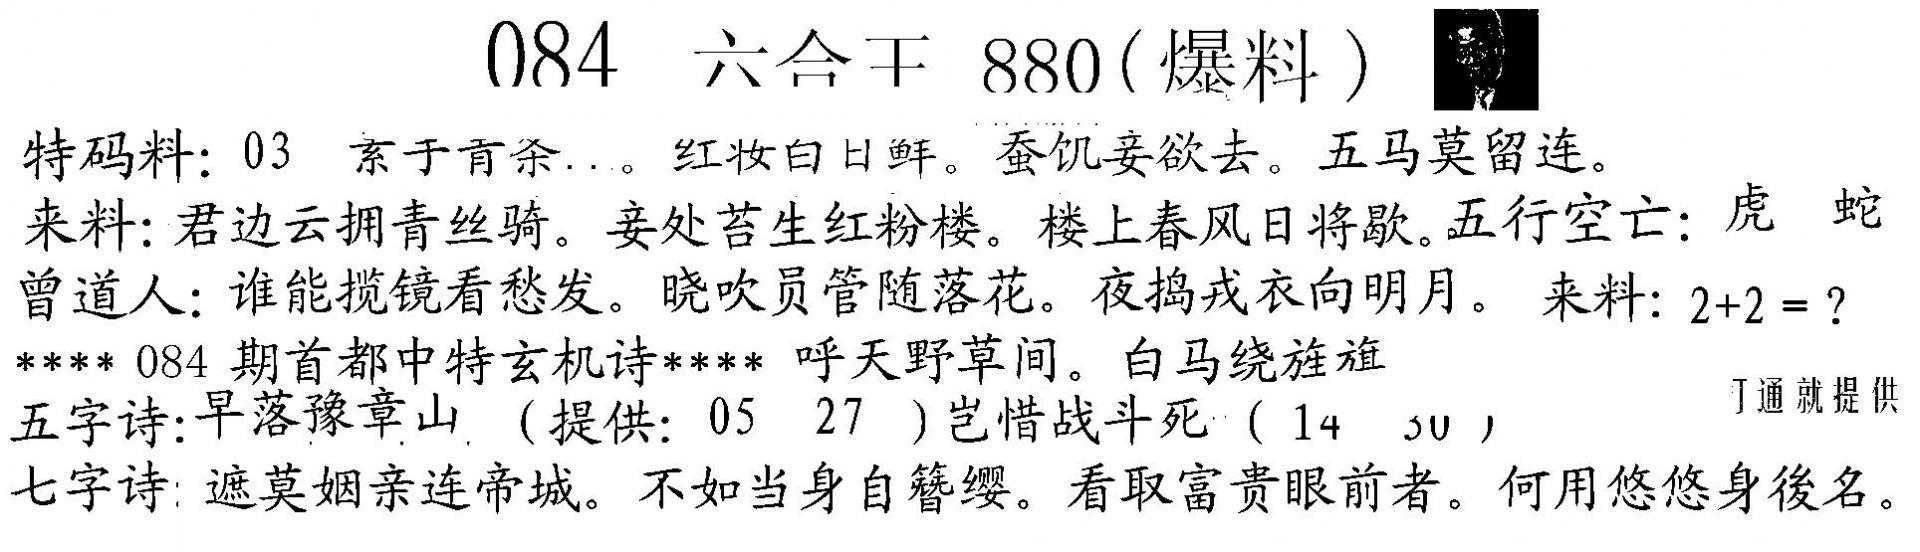 084期880来料(黑白)